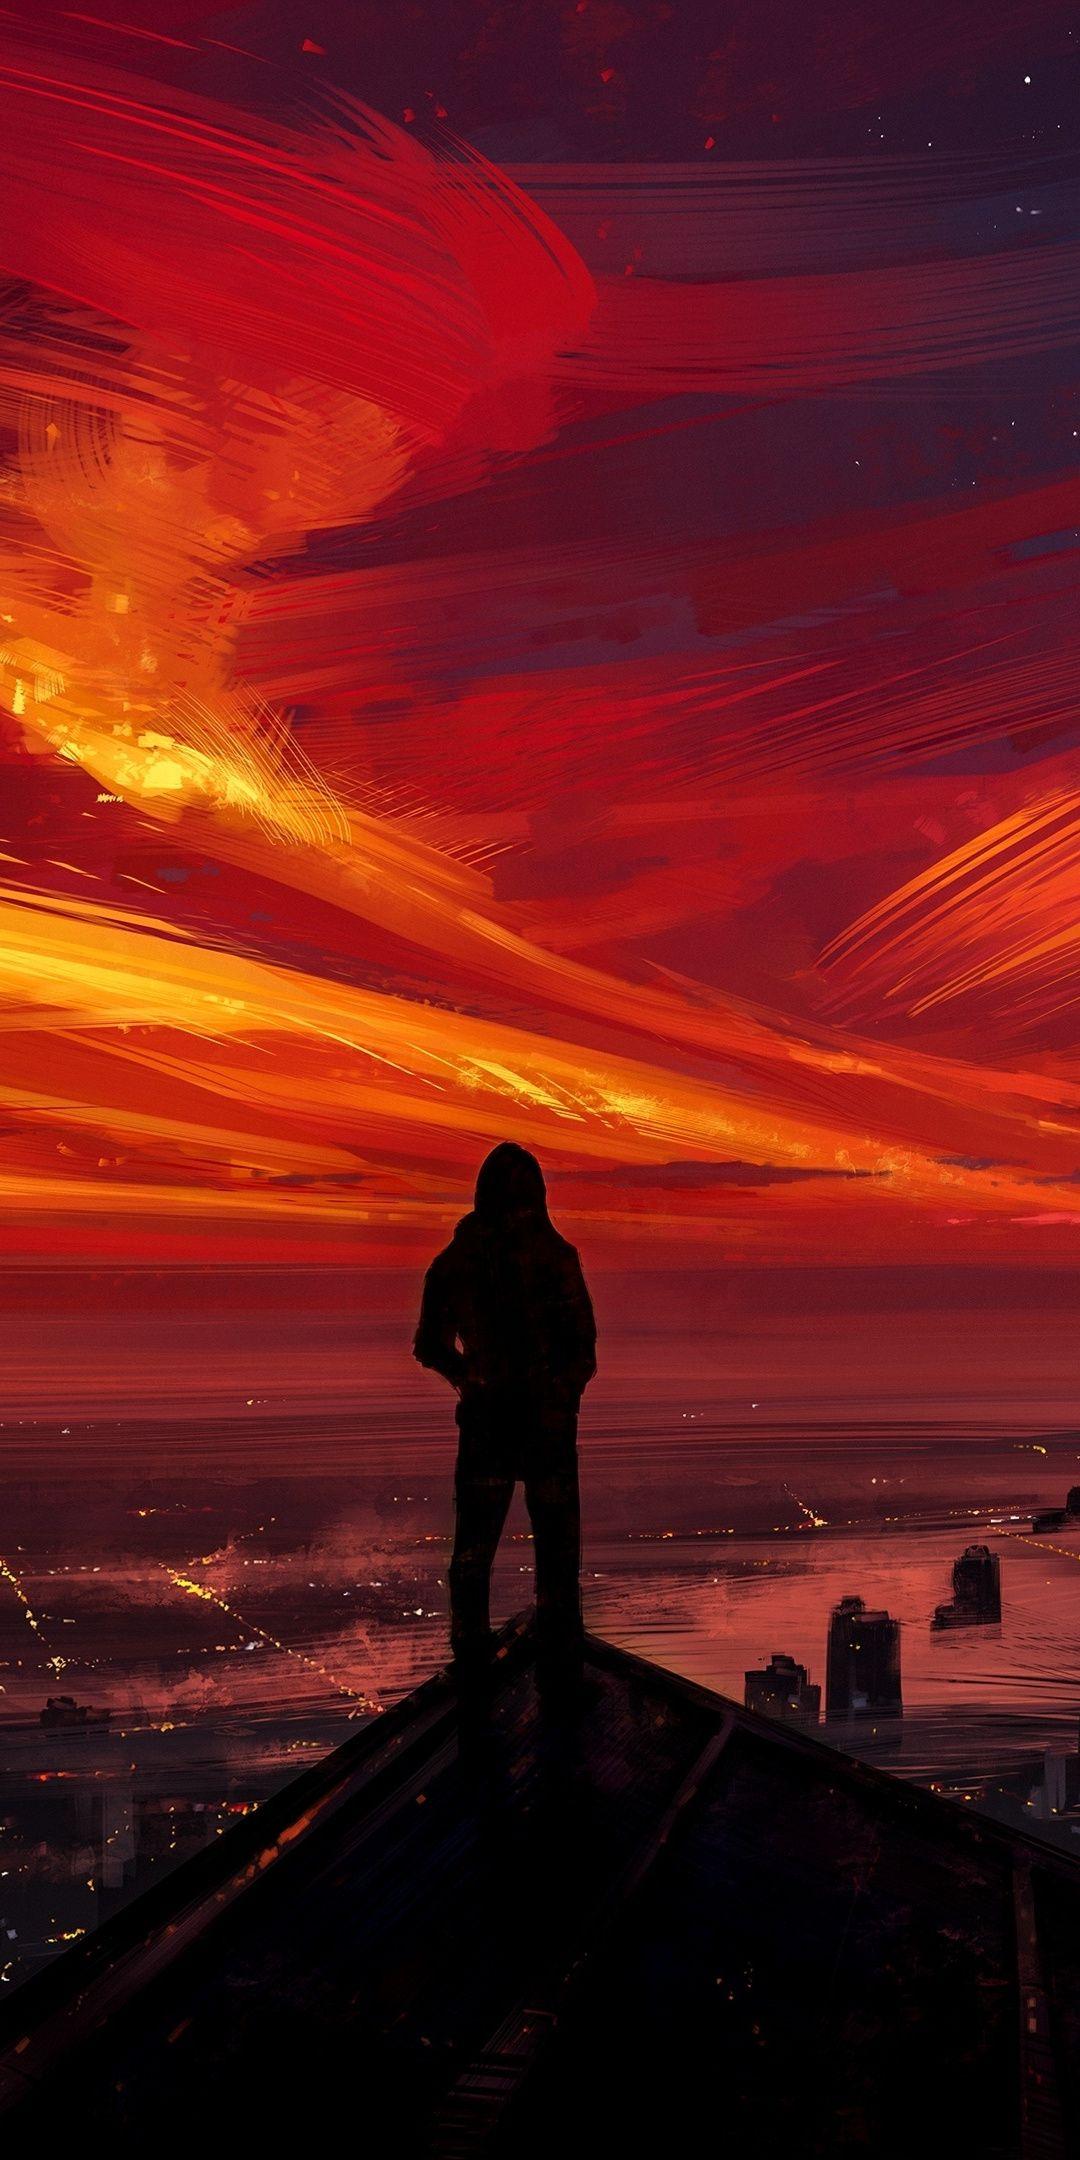 Man Sunset Skyline Silhouette Art 1080x2160 Wallpaper Cool Iphone Wallpapers Hd Best Iphone Wallpapers Joker Hd Wallpaper Hd wallpaper alone man silhouette rock